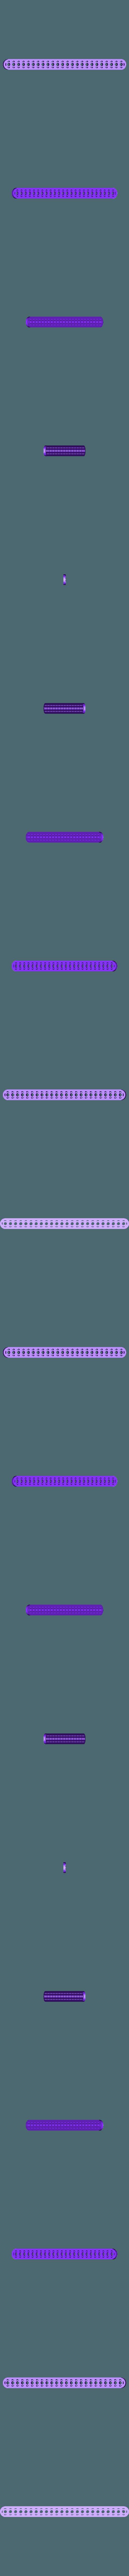 strait_24.STL Télécharger fichier STL gratuit MEGA Expansion 200+ Pièces • Plan à imprimer en 3D, Pwentey